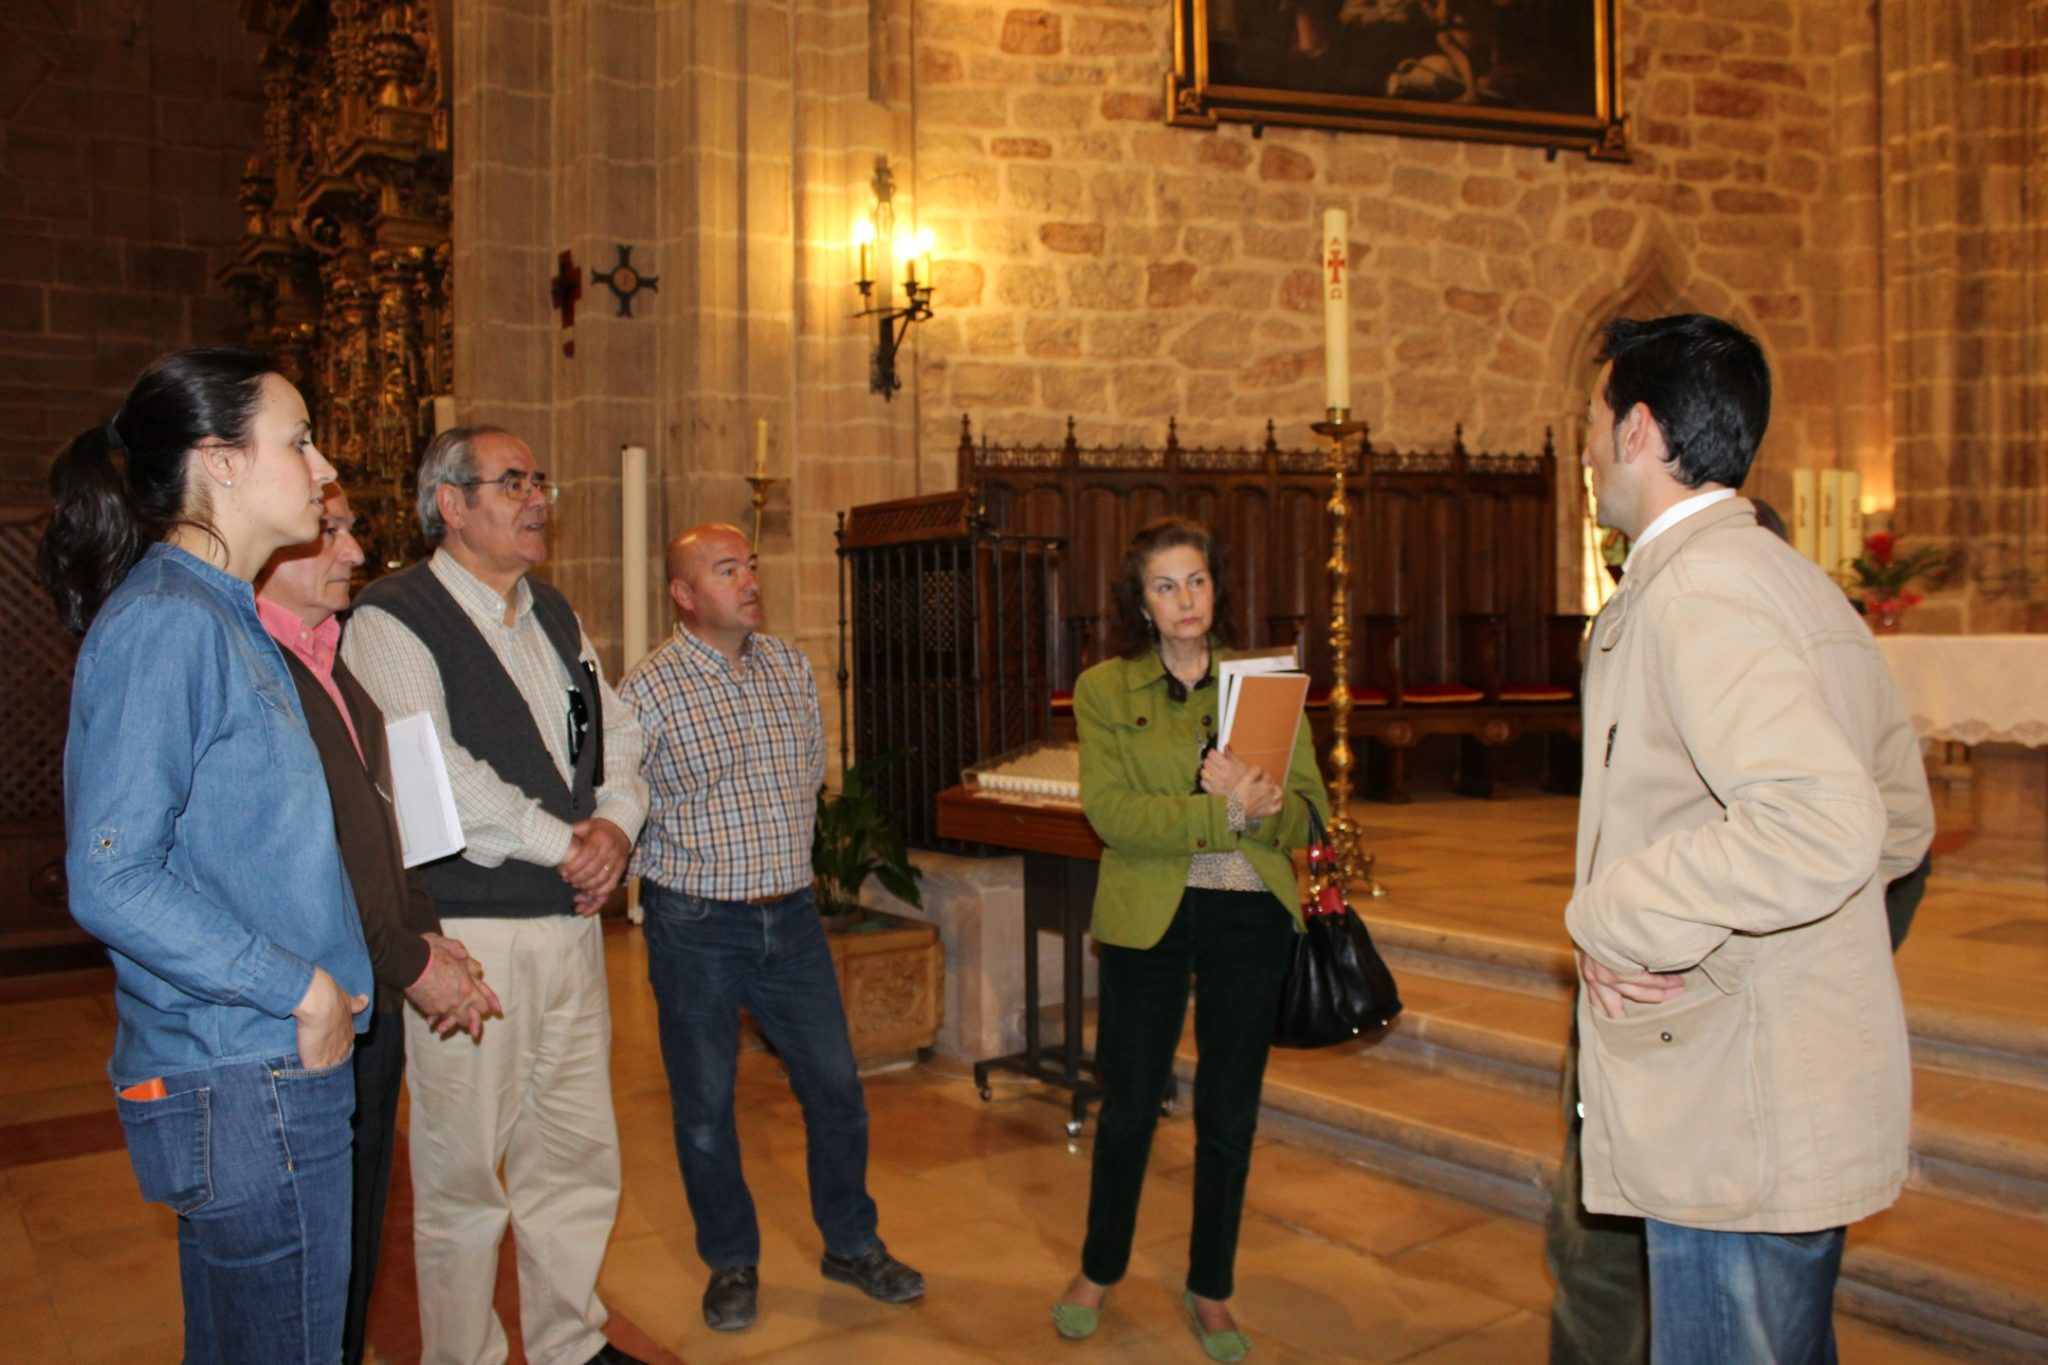 El Ministerio de Fomento dirigirá la segunda fase de las obras de la Iglesia de San Andrés